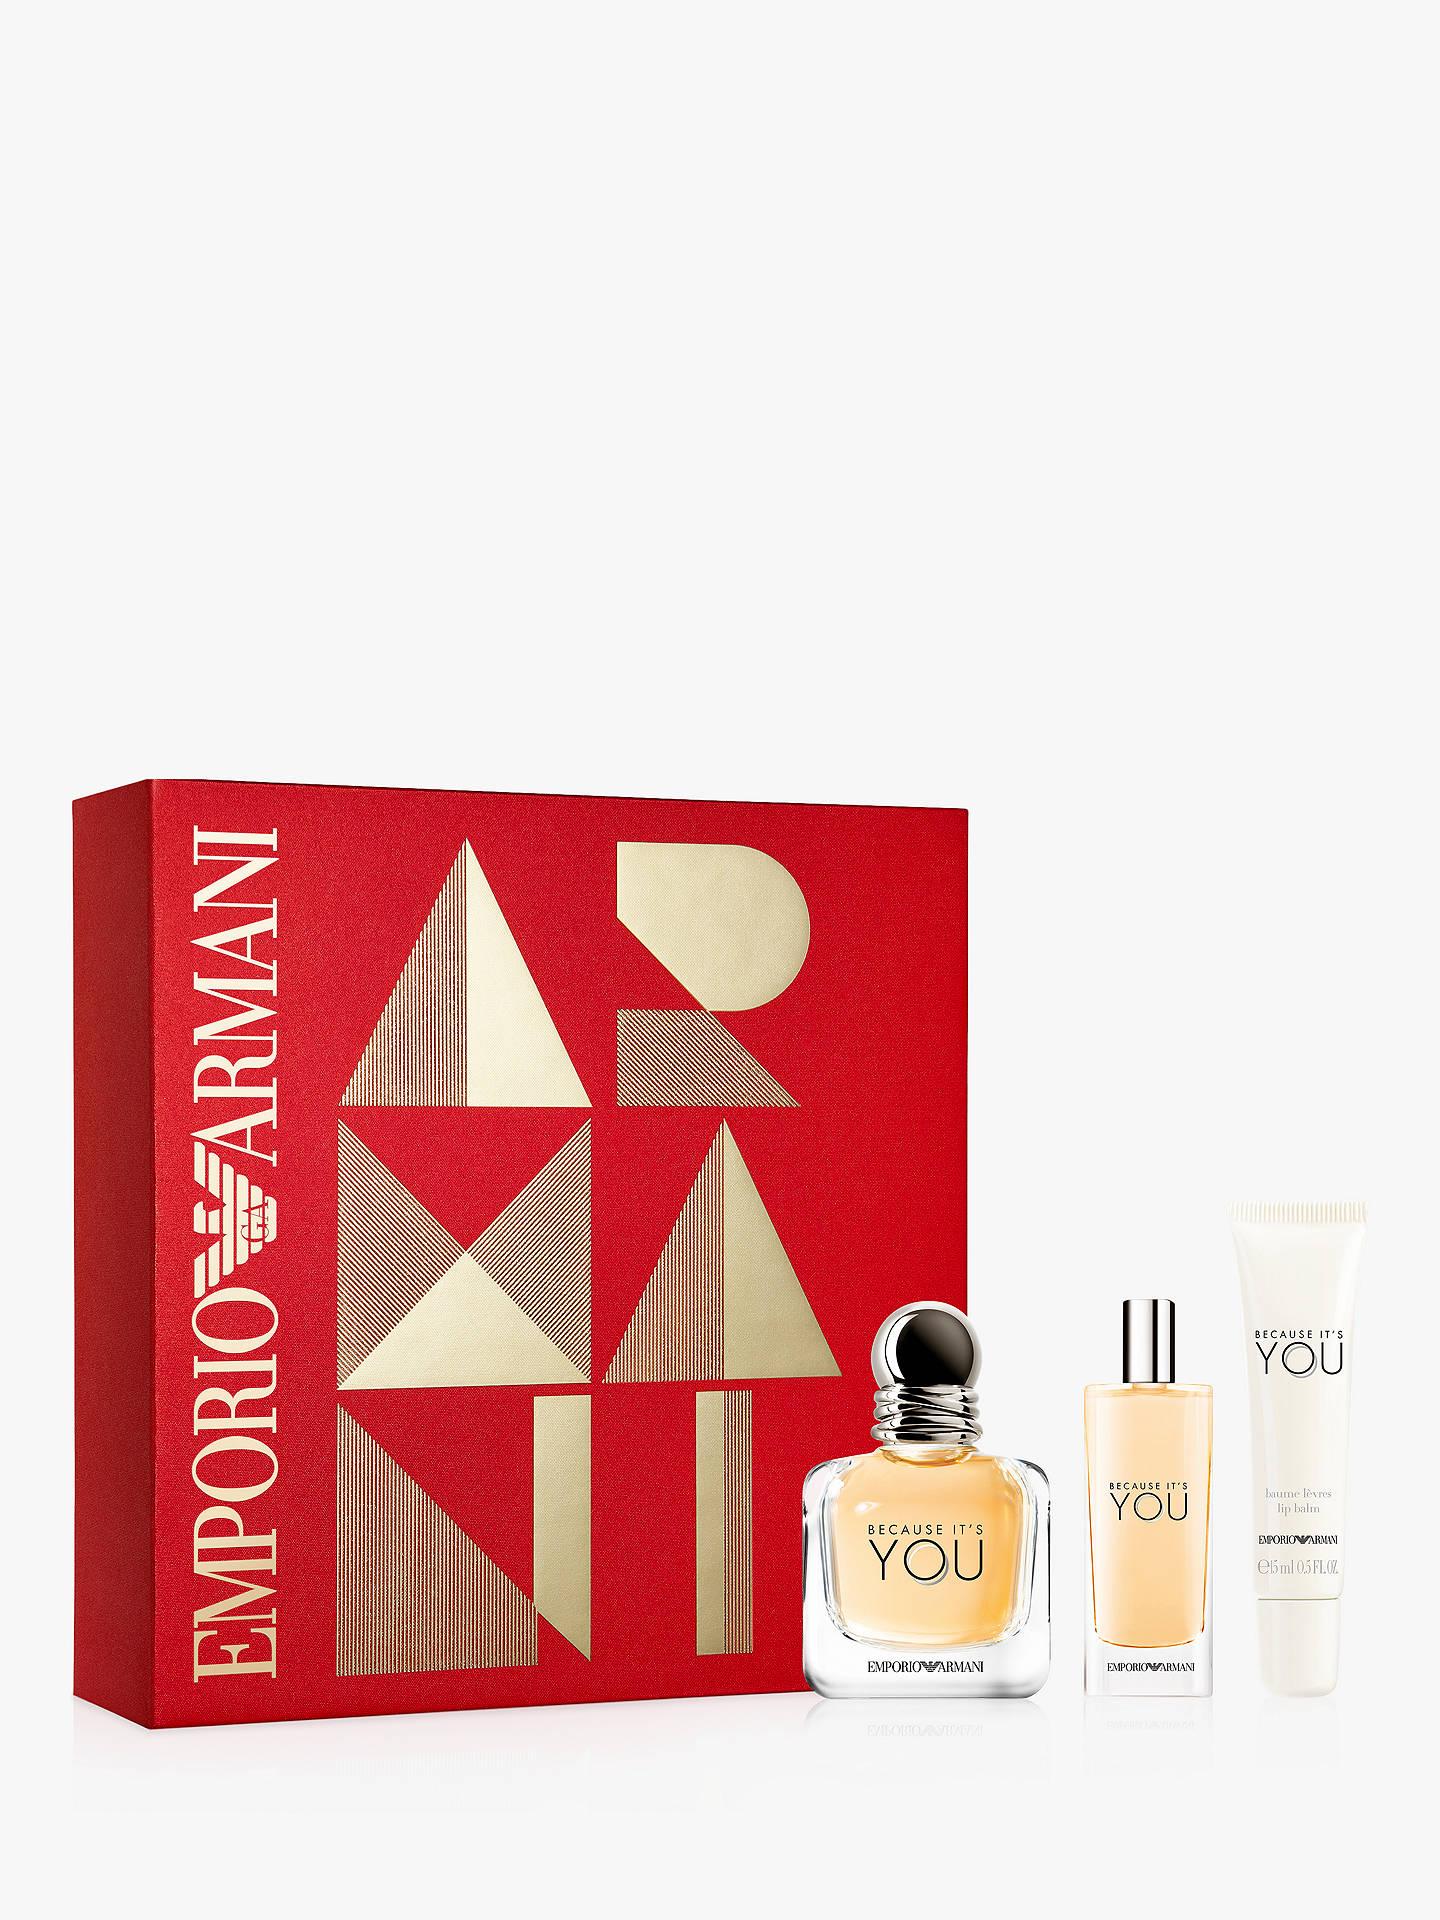 44b29d087dc BuyEmporio Armani Because It s You Eau de Parfum 50ml Gift Set Online at  johnlewis.com